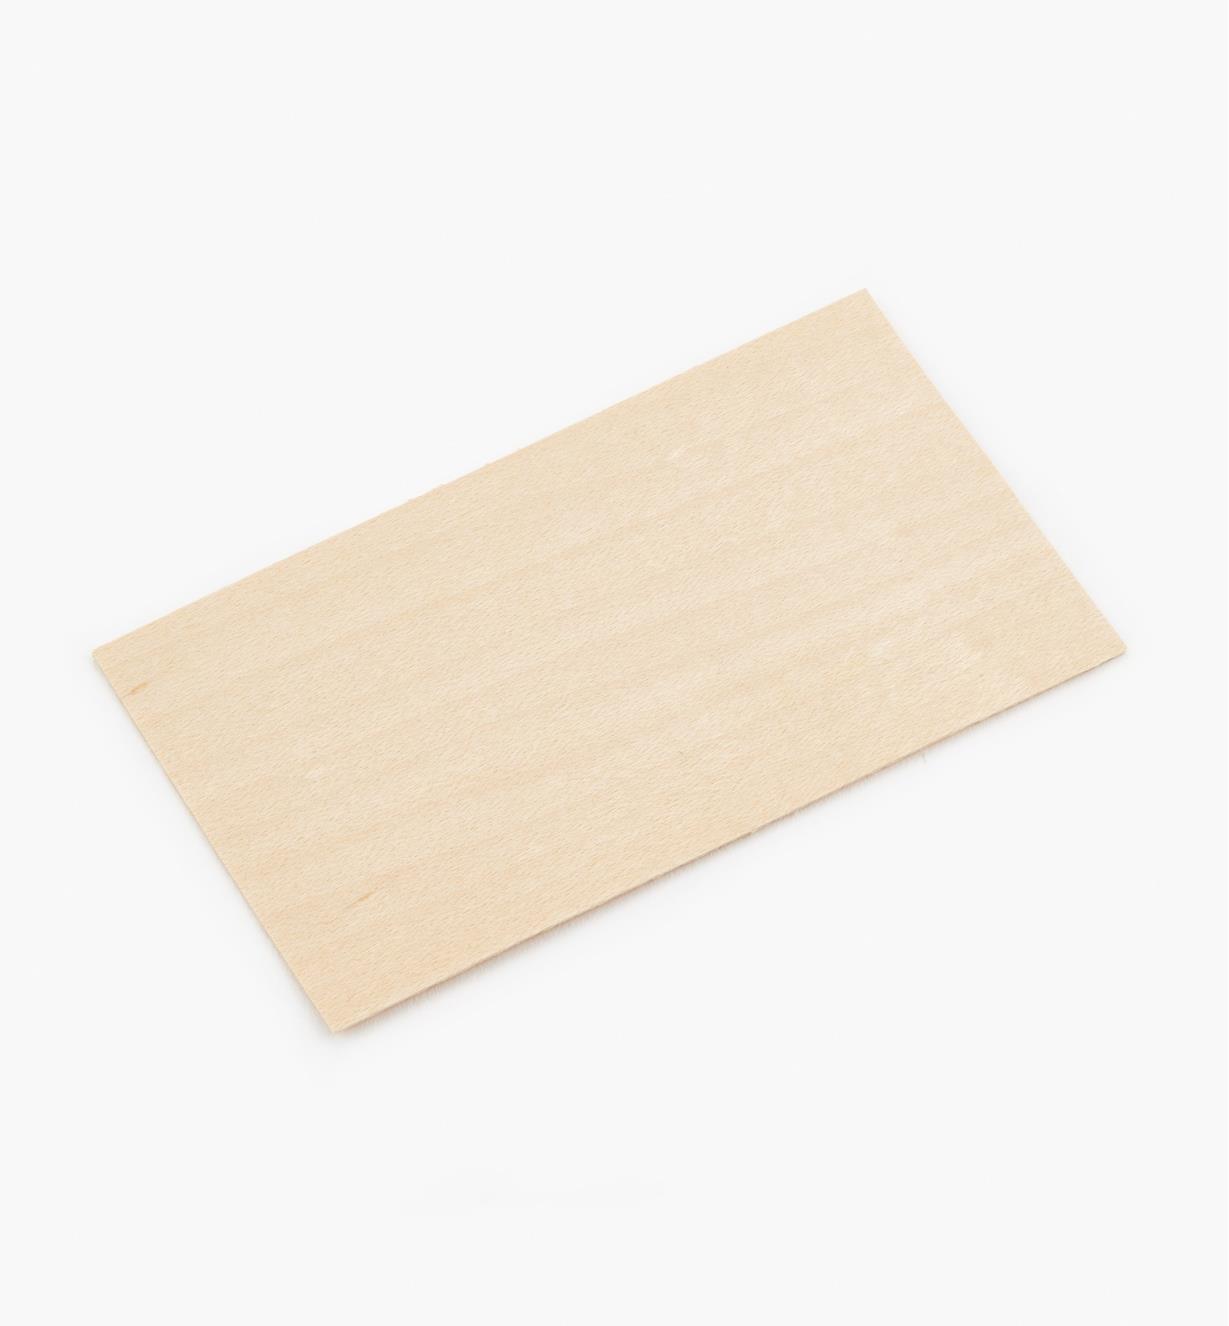 99W8905 - Veneer Cards, pkg. of 50